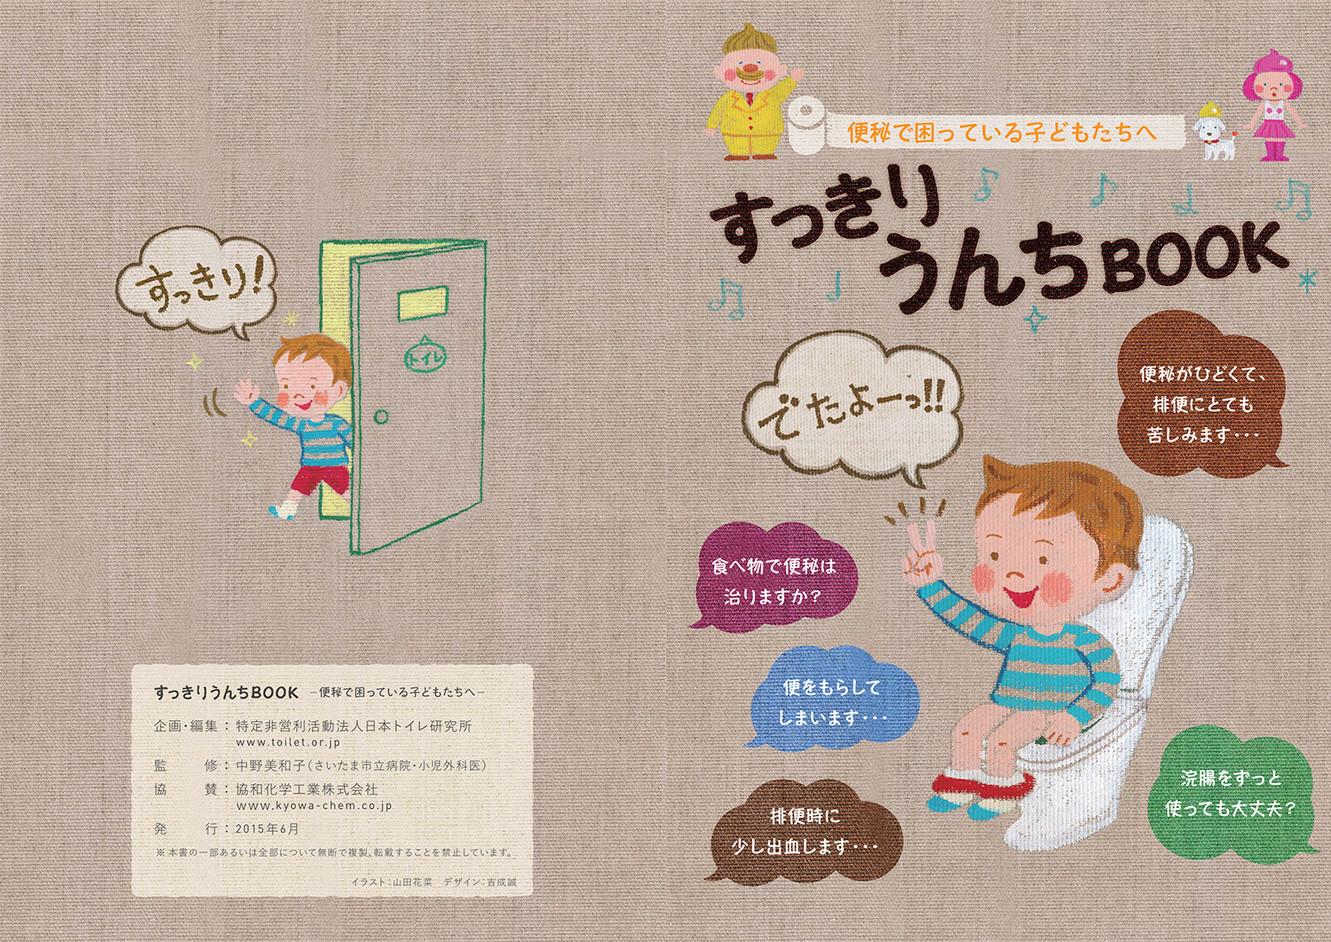 kanaweb_sukkiribook_001.jpg